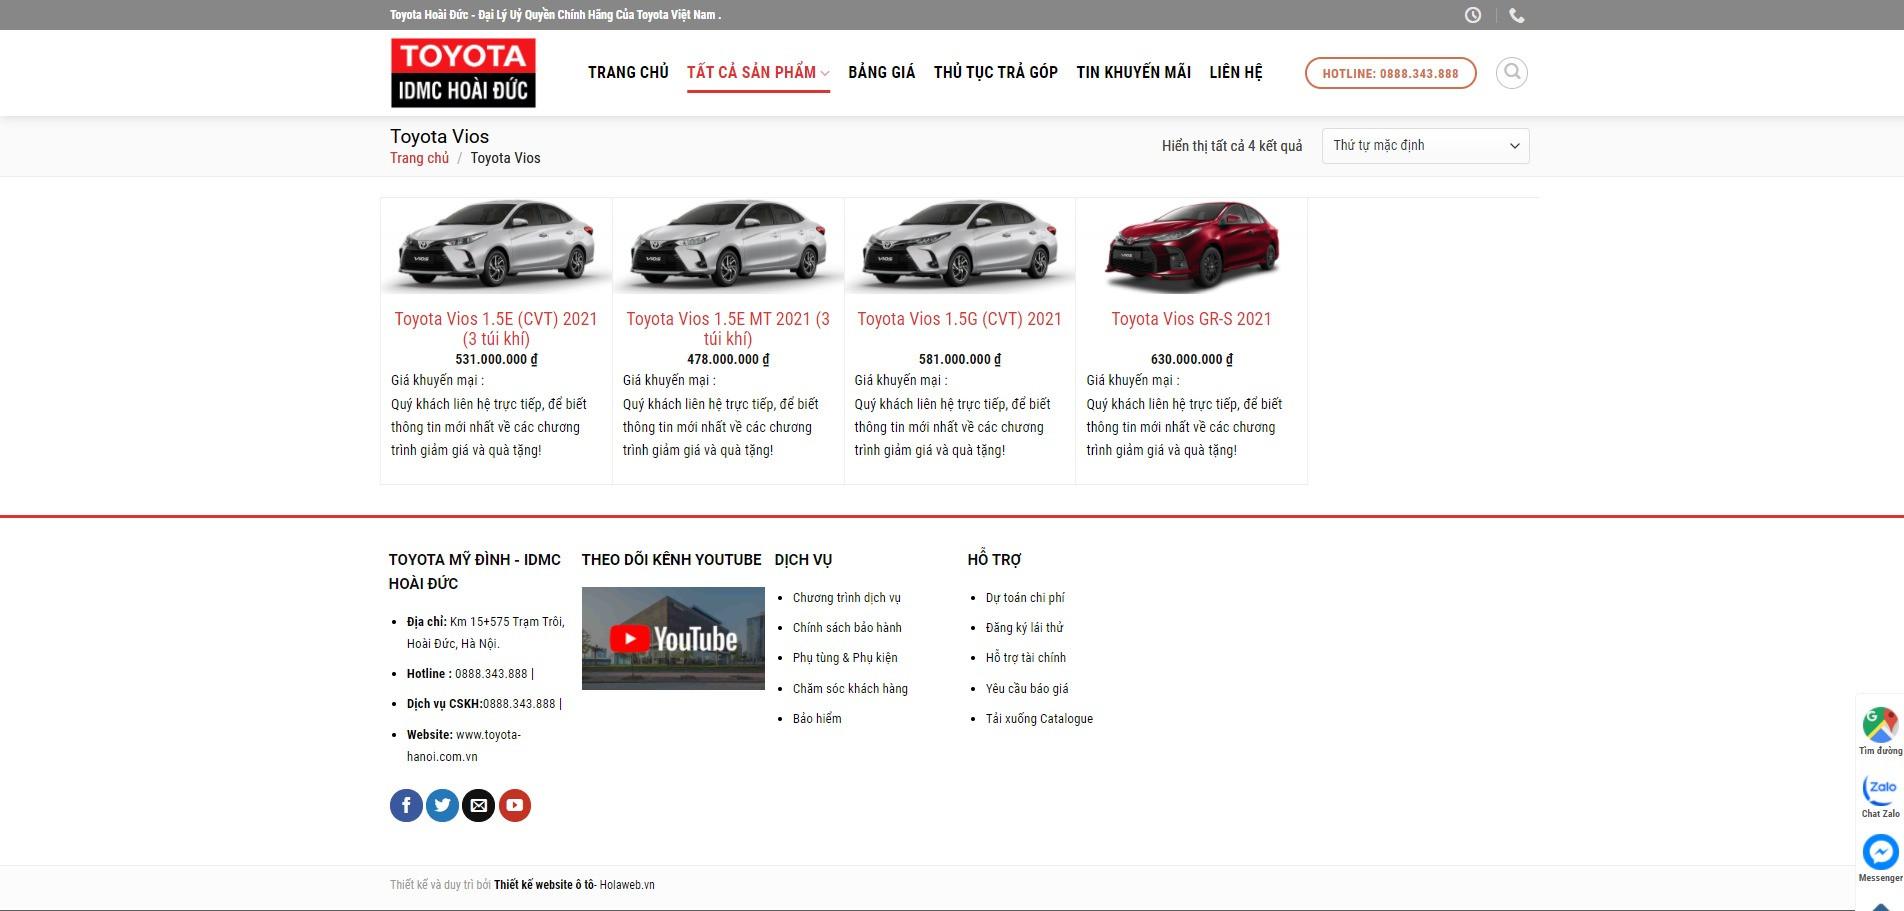 Trang danh mục các sản phẩm của Website ô tô Toyota Hoài Đức